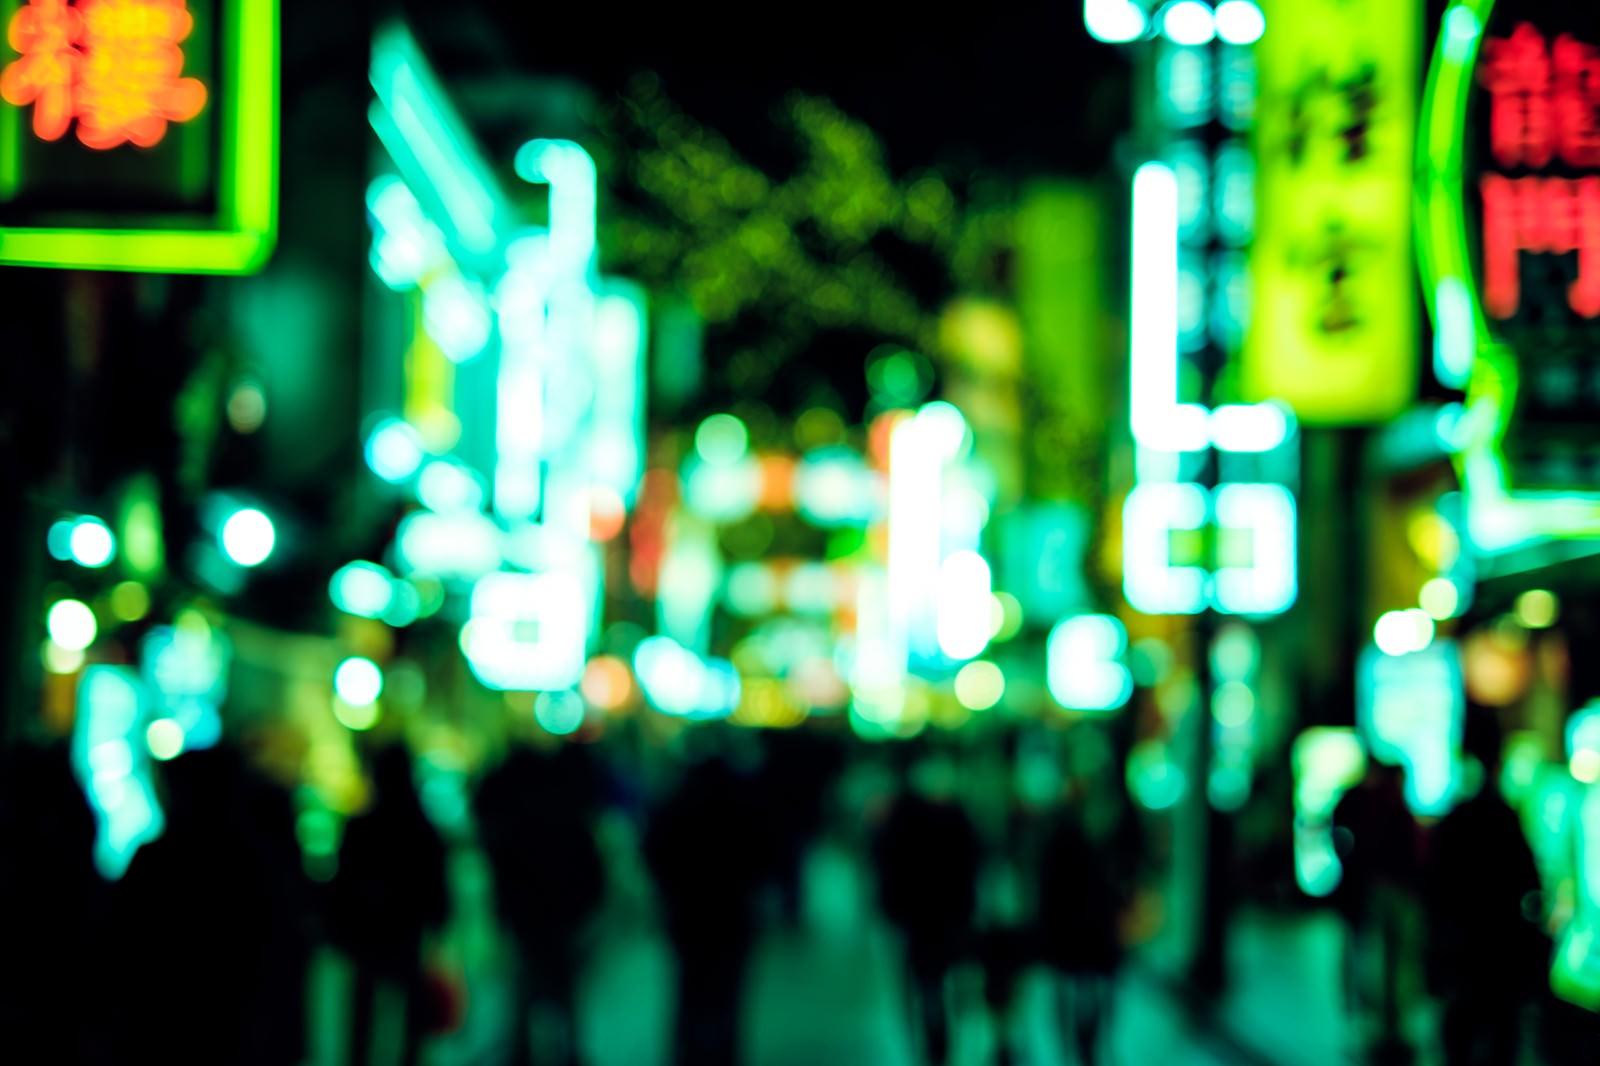 「緑色に光り輝く中華街のネオン」の写真